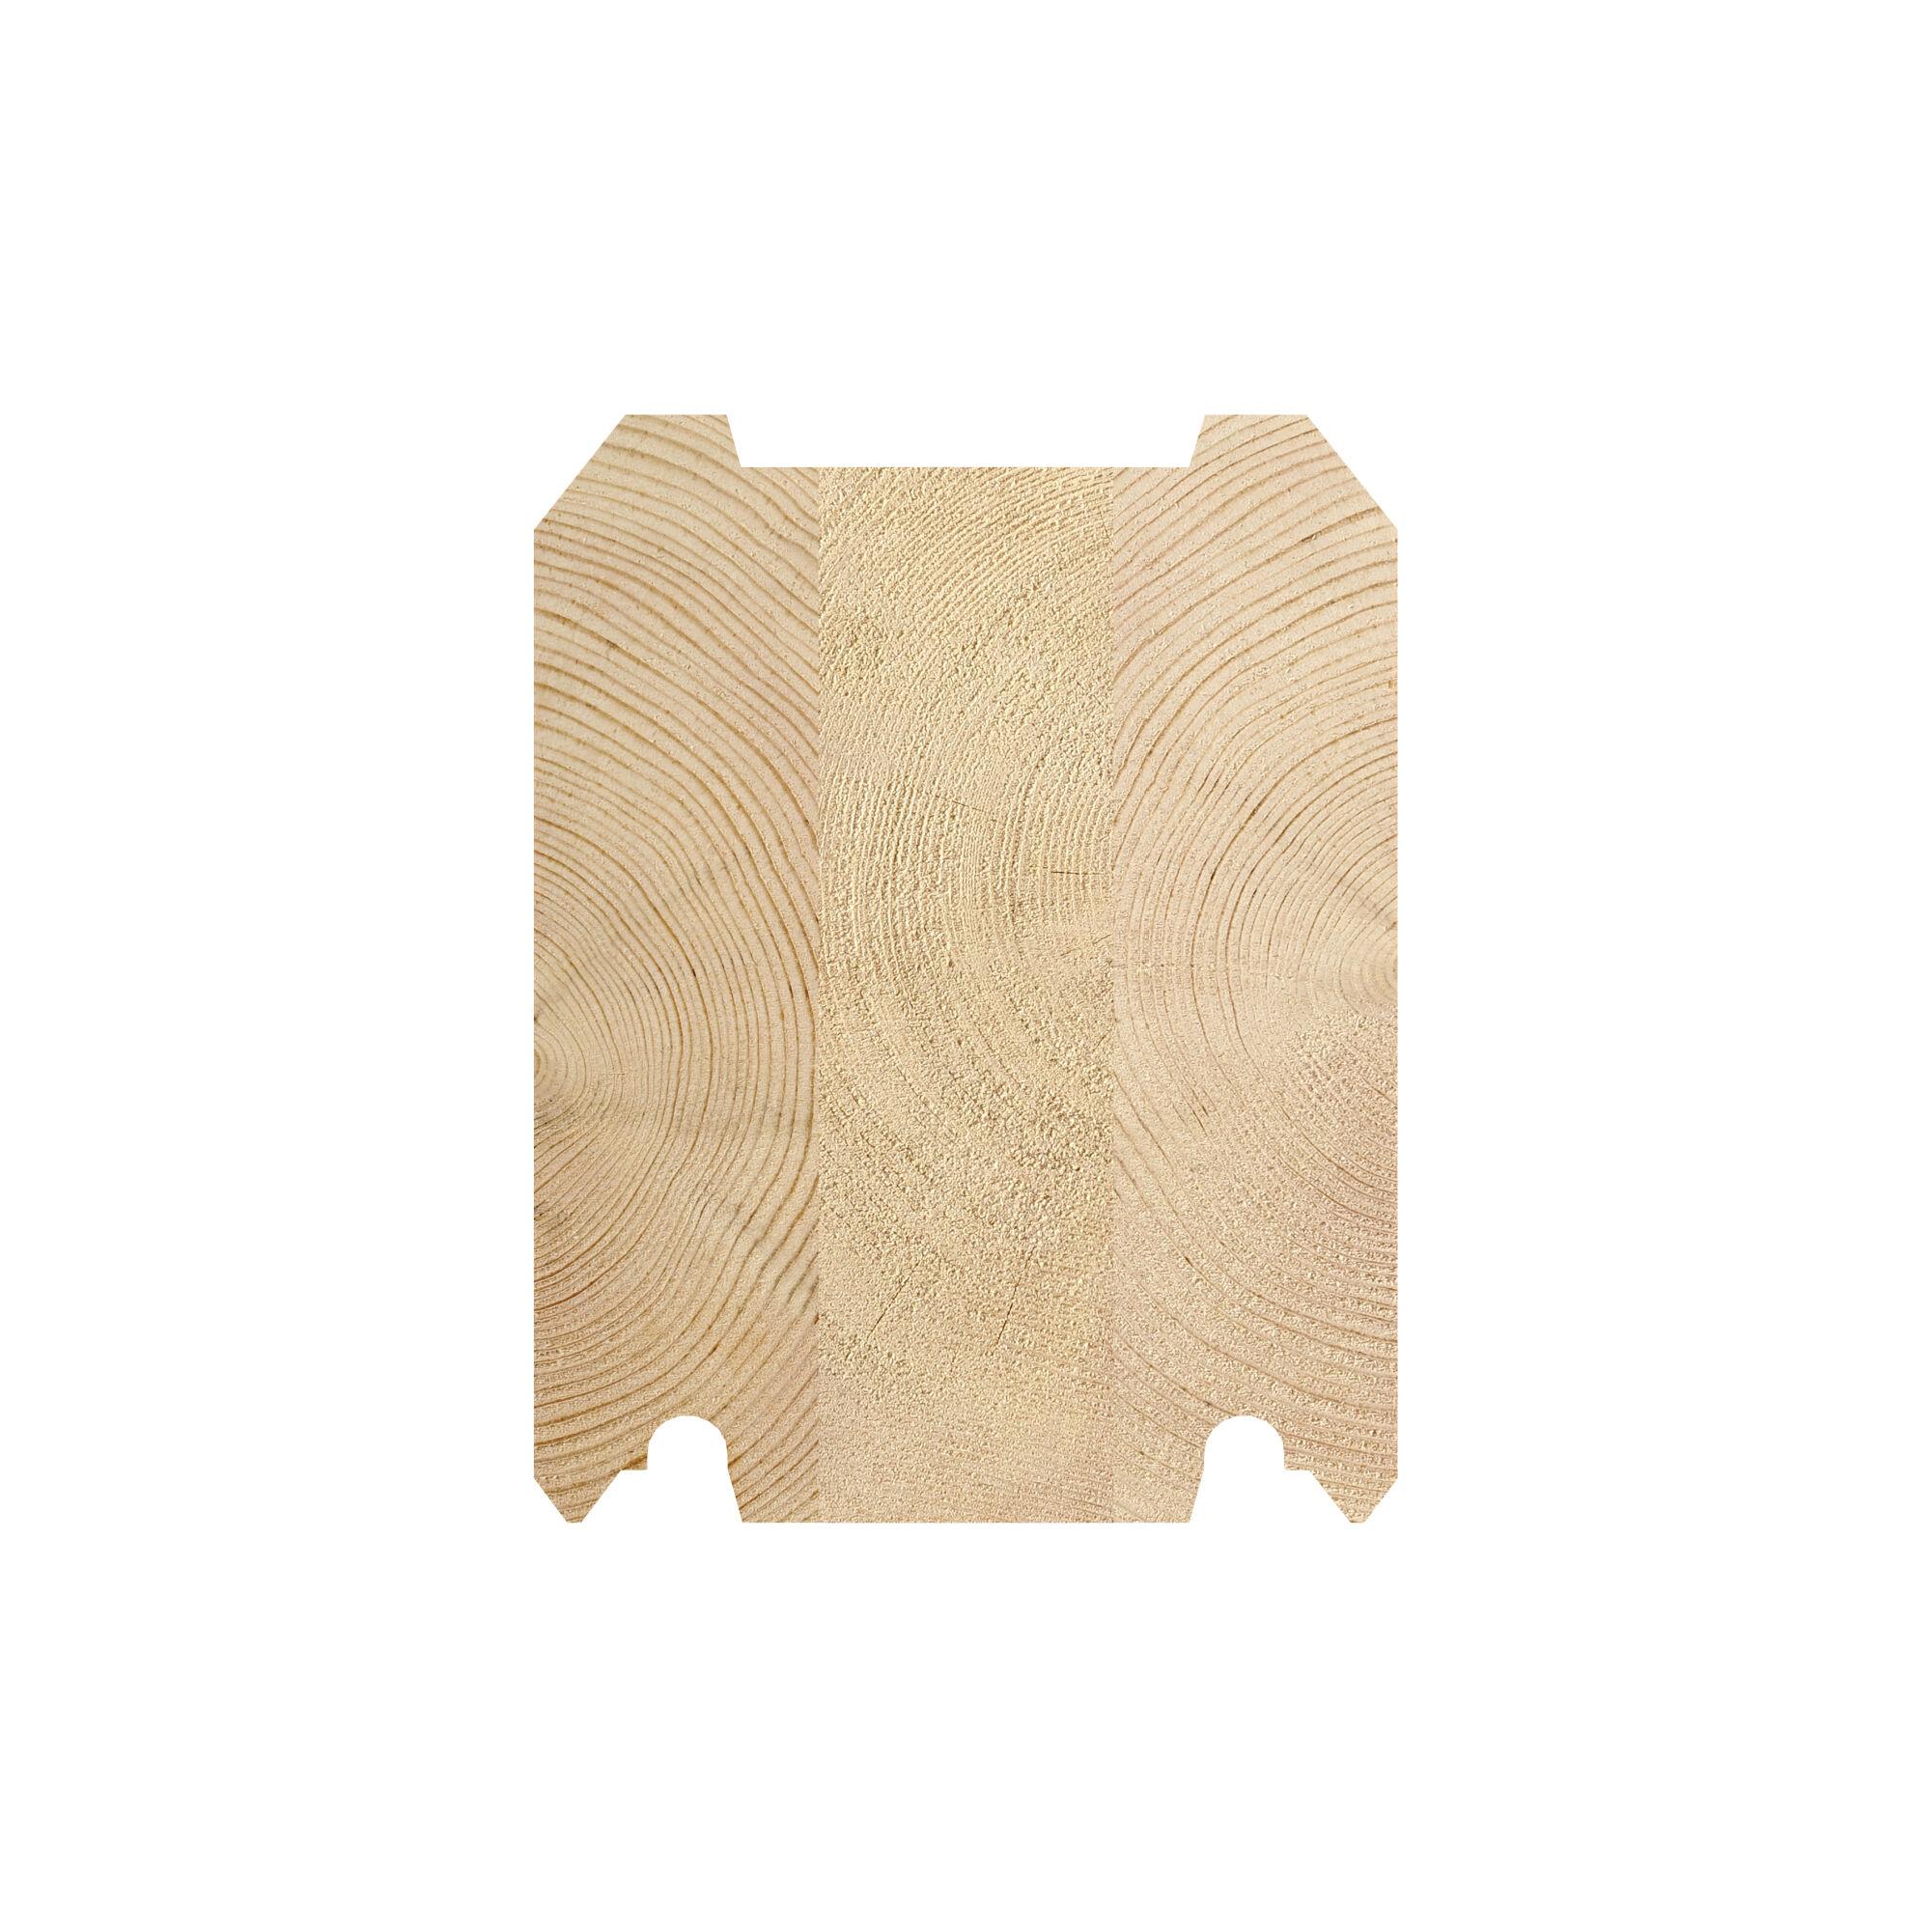 LH 135 x 170 tømmerprofil, til fritidsboliger og badstubygninger